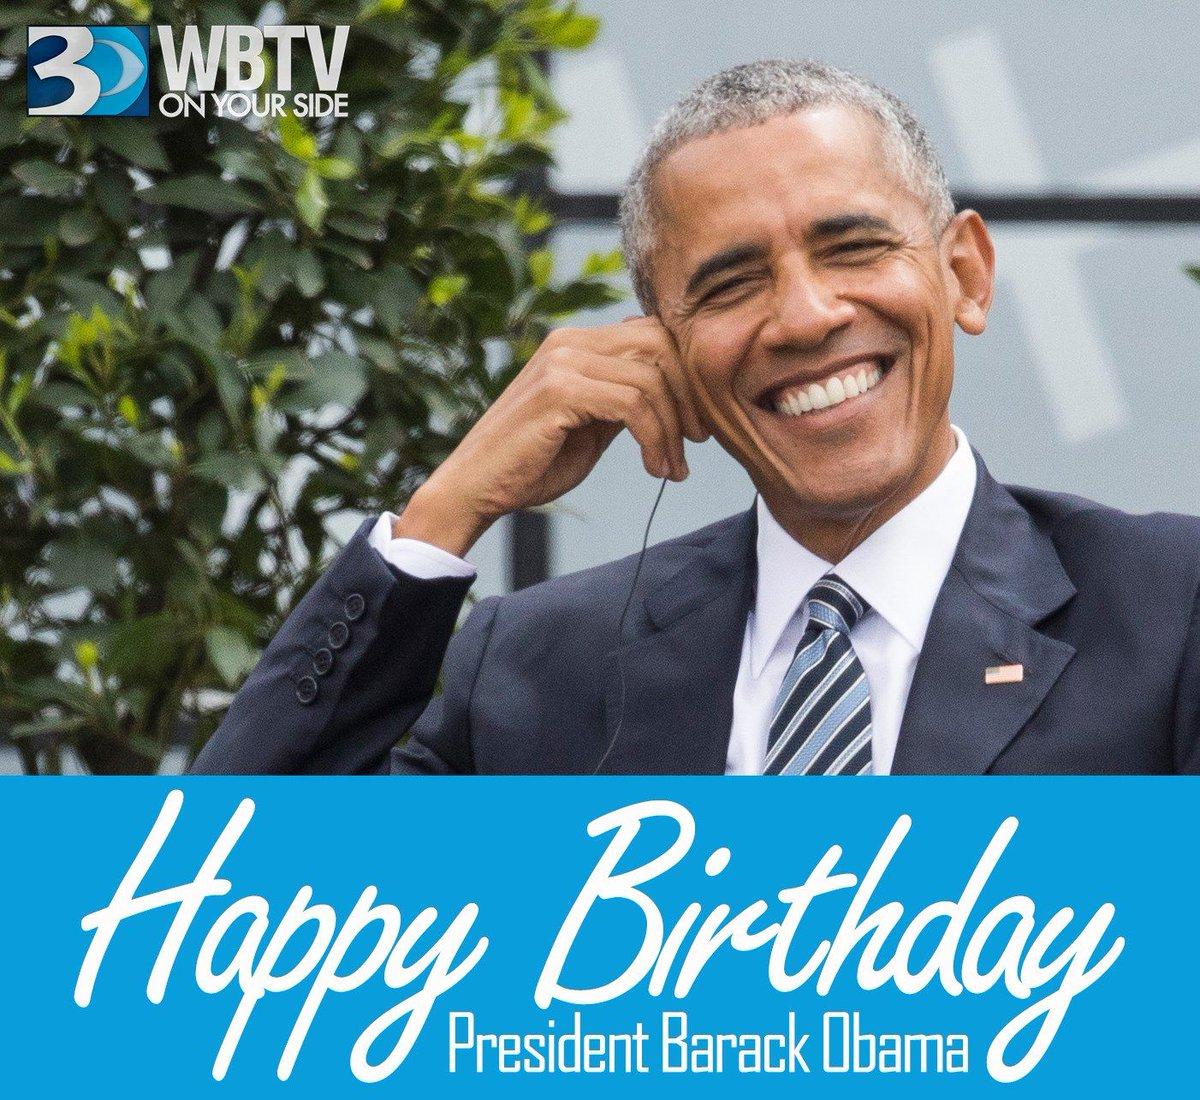 Wbtv News Auf Twitter Happy 57th Birthday To Former President Barack Obama